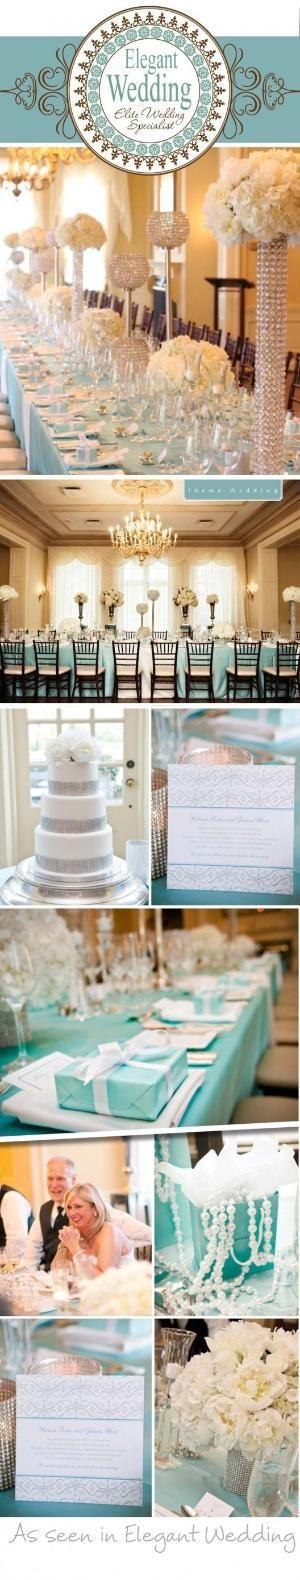 Tiffany Blue Wedding Details By Tebogo Mosiane テーブルコーディネート 結婚式 ウェディング 結婚式 テーブル